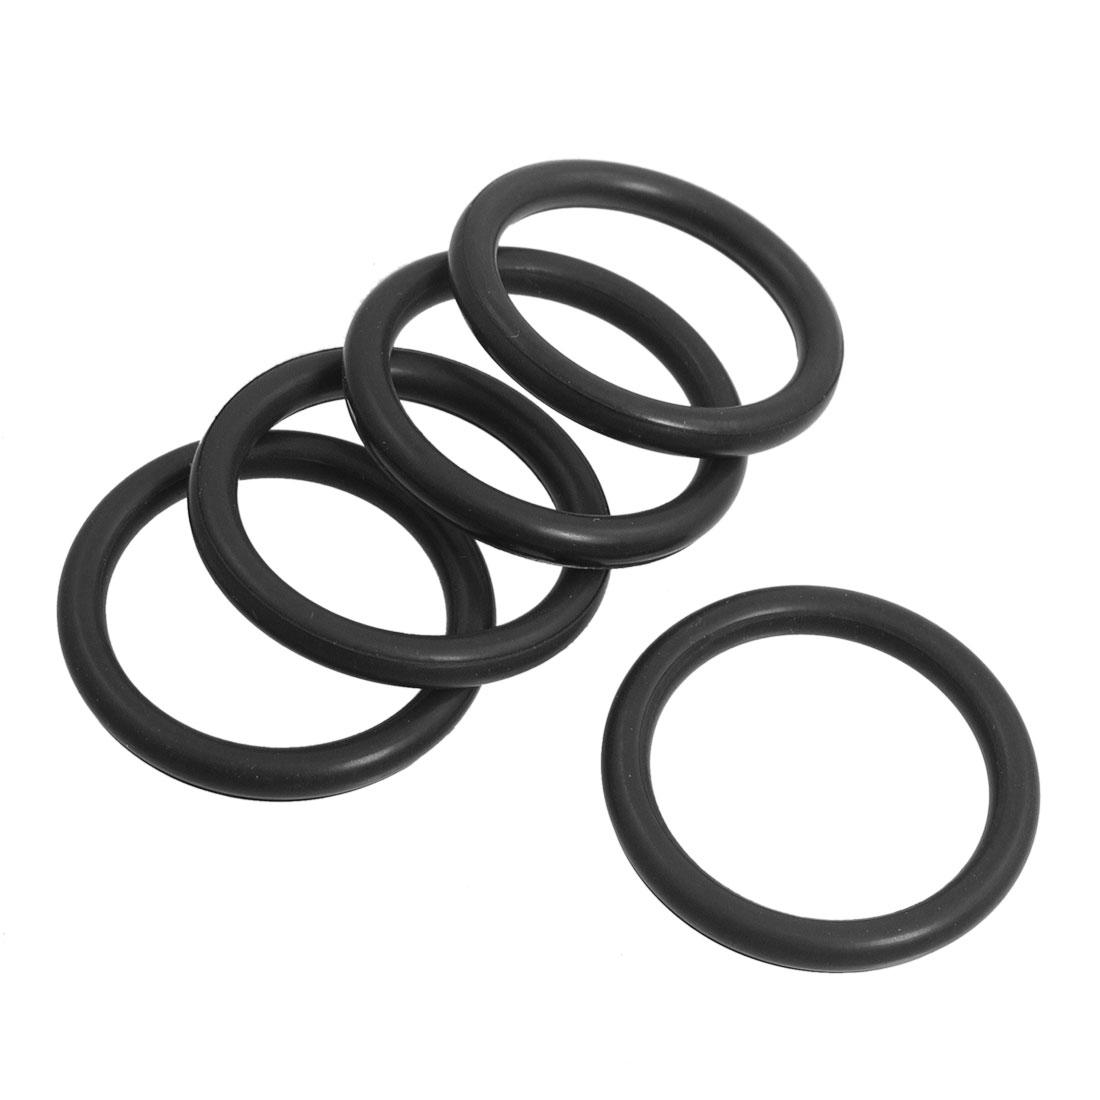 5 PCS d'étanchéité Rondelles filtre à huile O Rings 30 mm x 3.5 mm pour Makita HM0810 - image 1 de 1